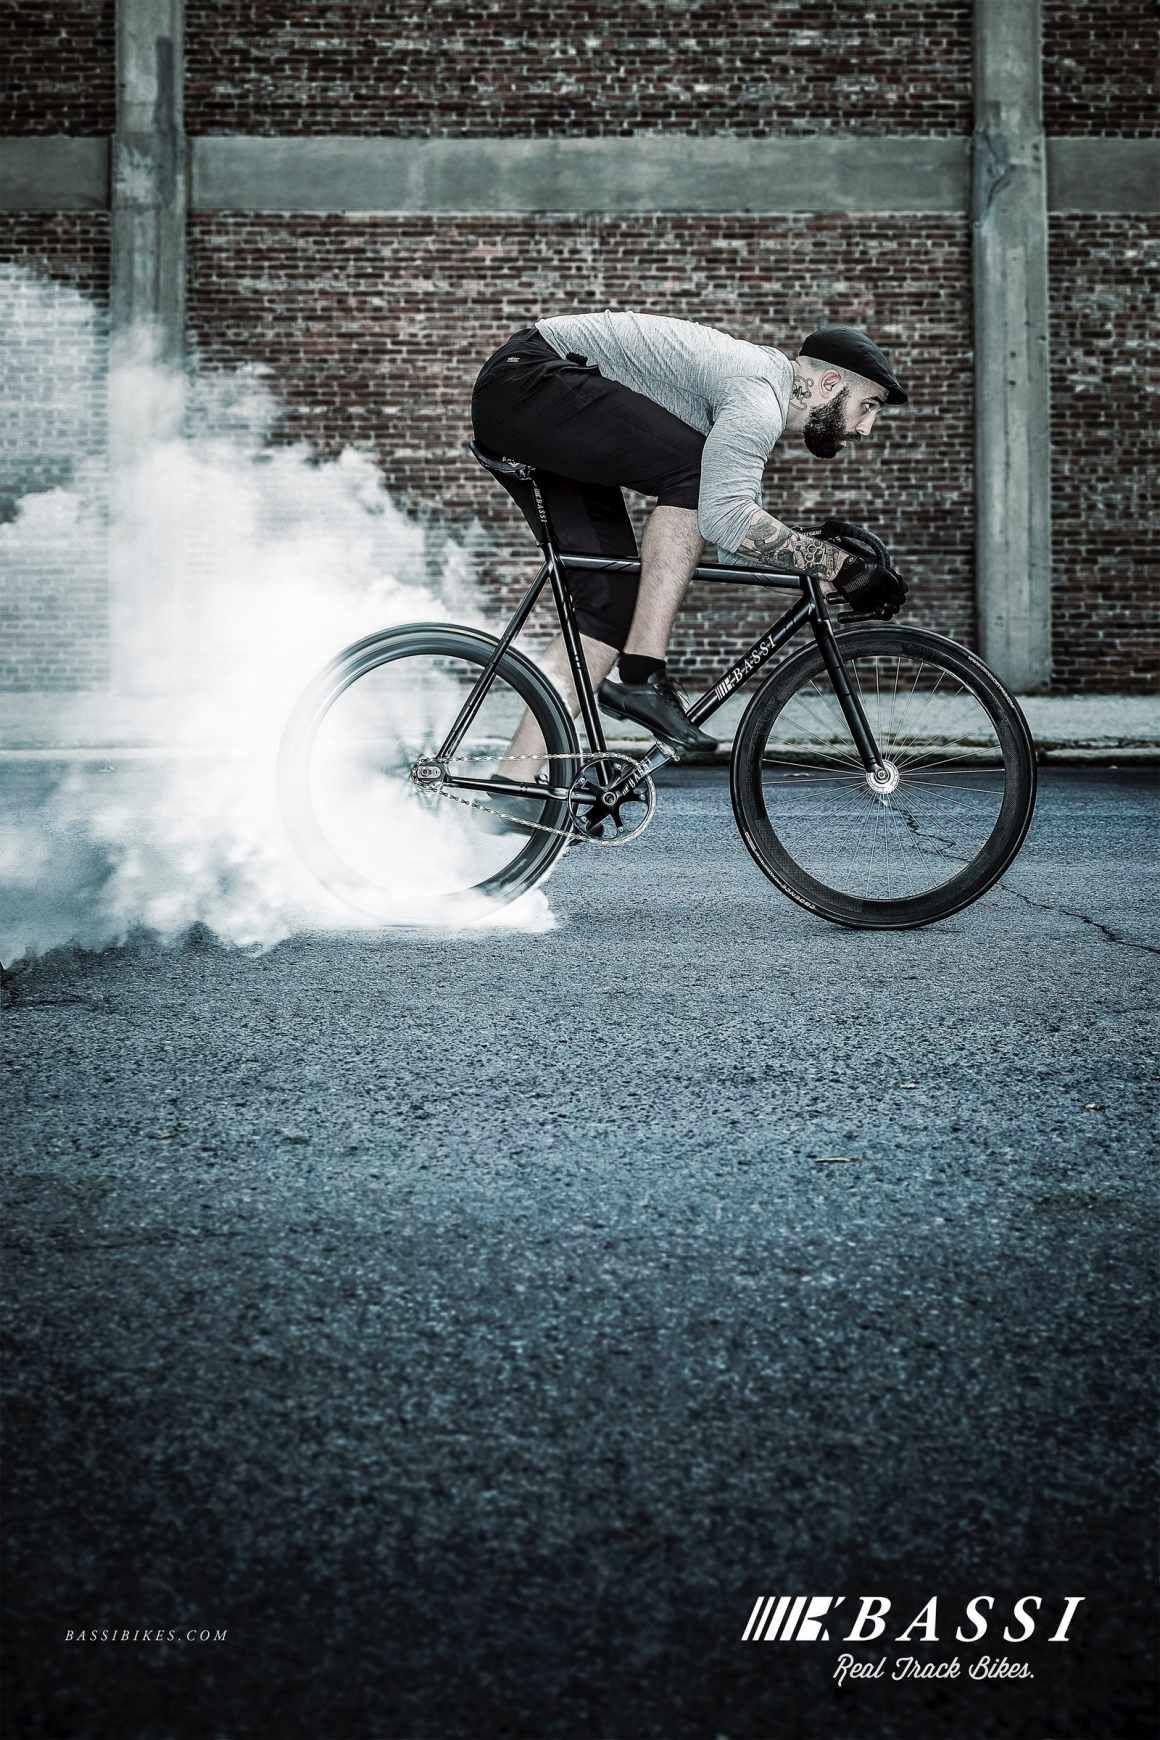 Bassi Bikes: Burn #ads #marketing #creative #Print Ads #publicidad gráfica. Entre en el fantástico mundo de elcafeatomico.com para descubrir muchas más cosas! #advertising